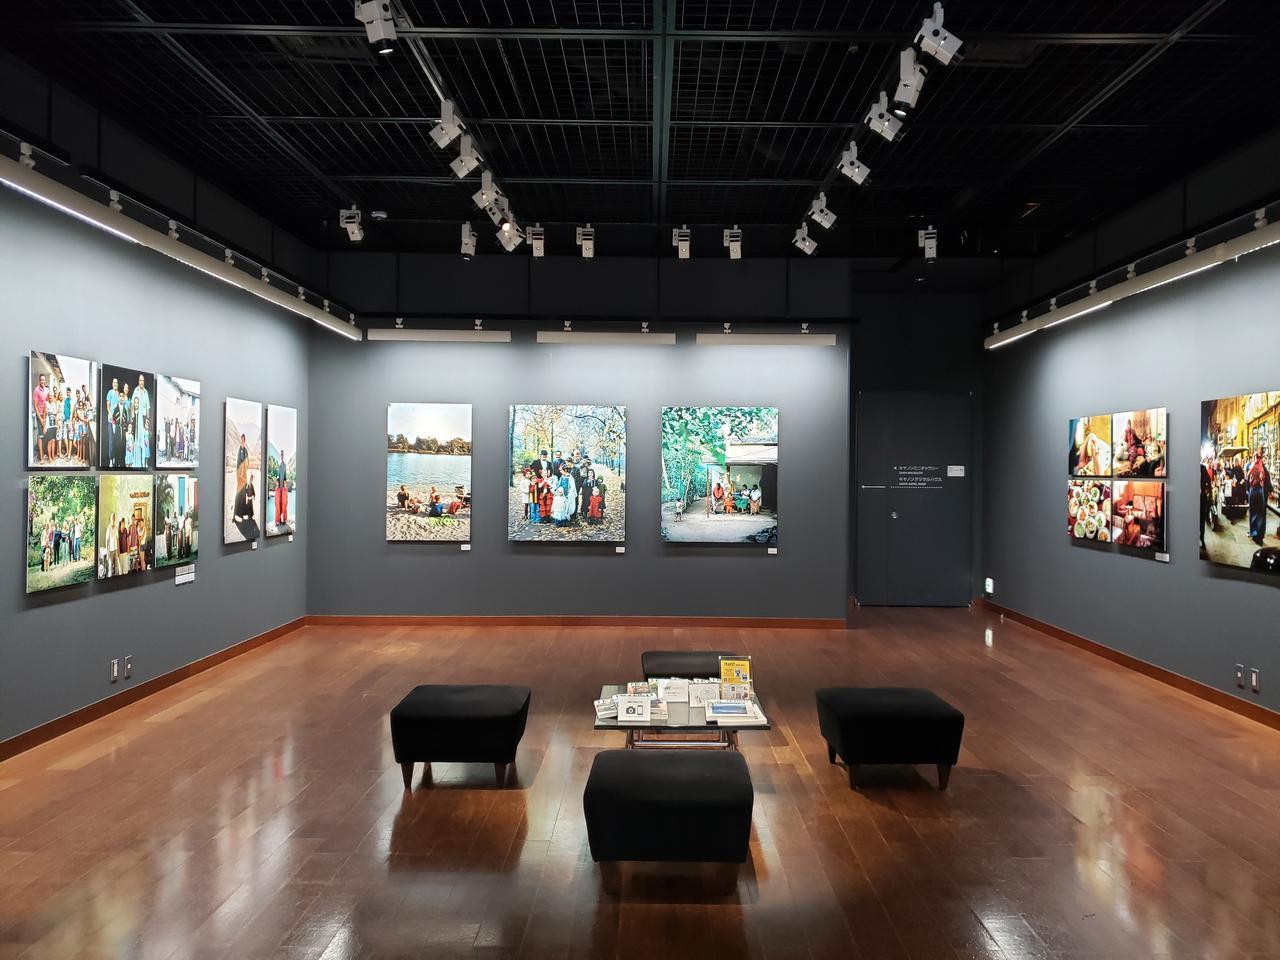 画像: 展示風景。会場には写真集に掲載した作品から未掲載の作品まで、総勢18名の写真家による24点が展示。